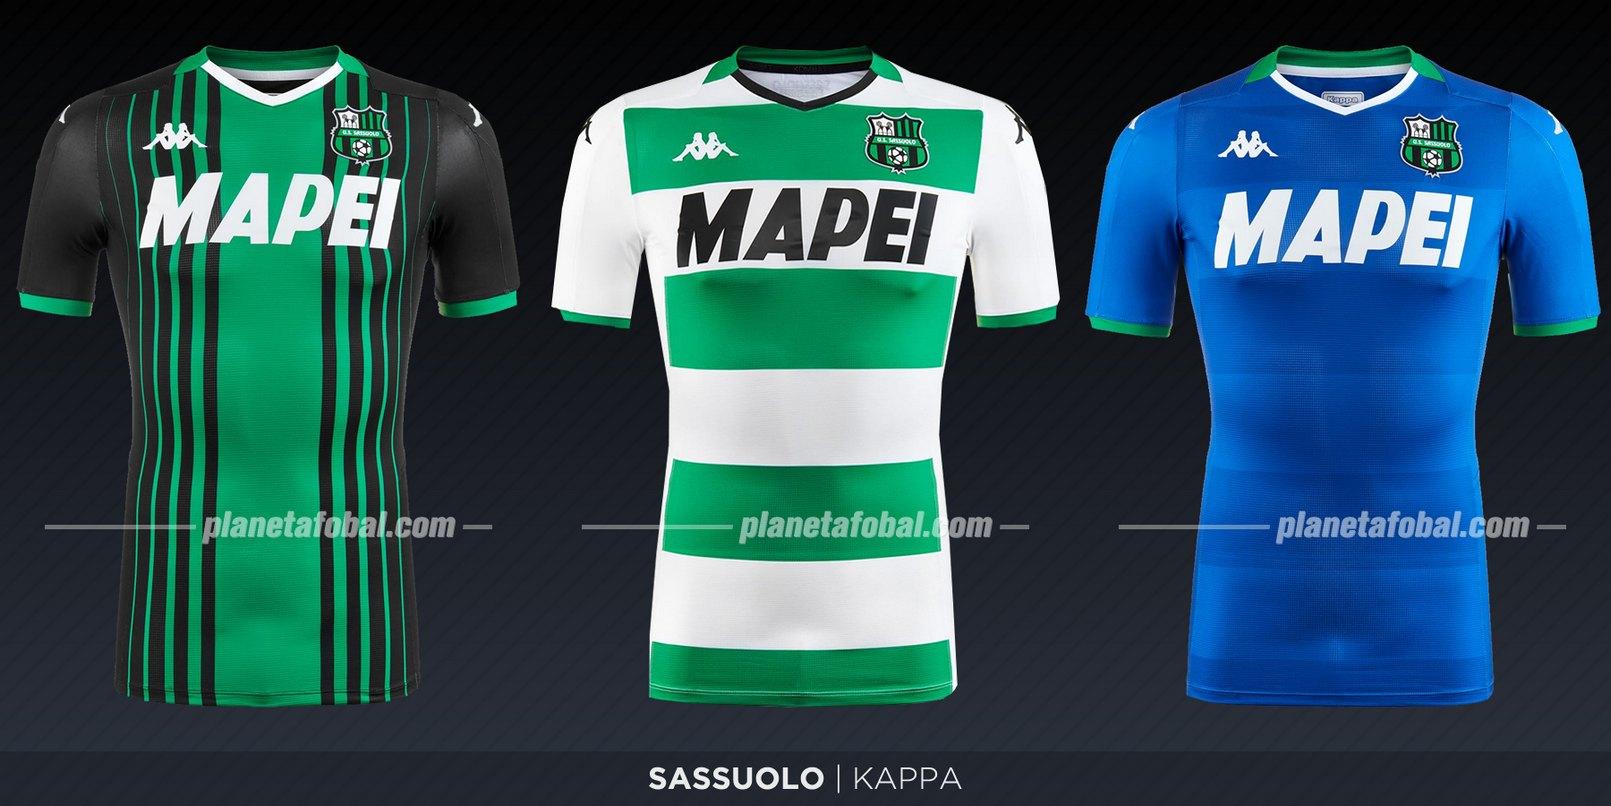 Sassuolo (Kappa) | Camisetas de la Serie A 2019-2020